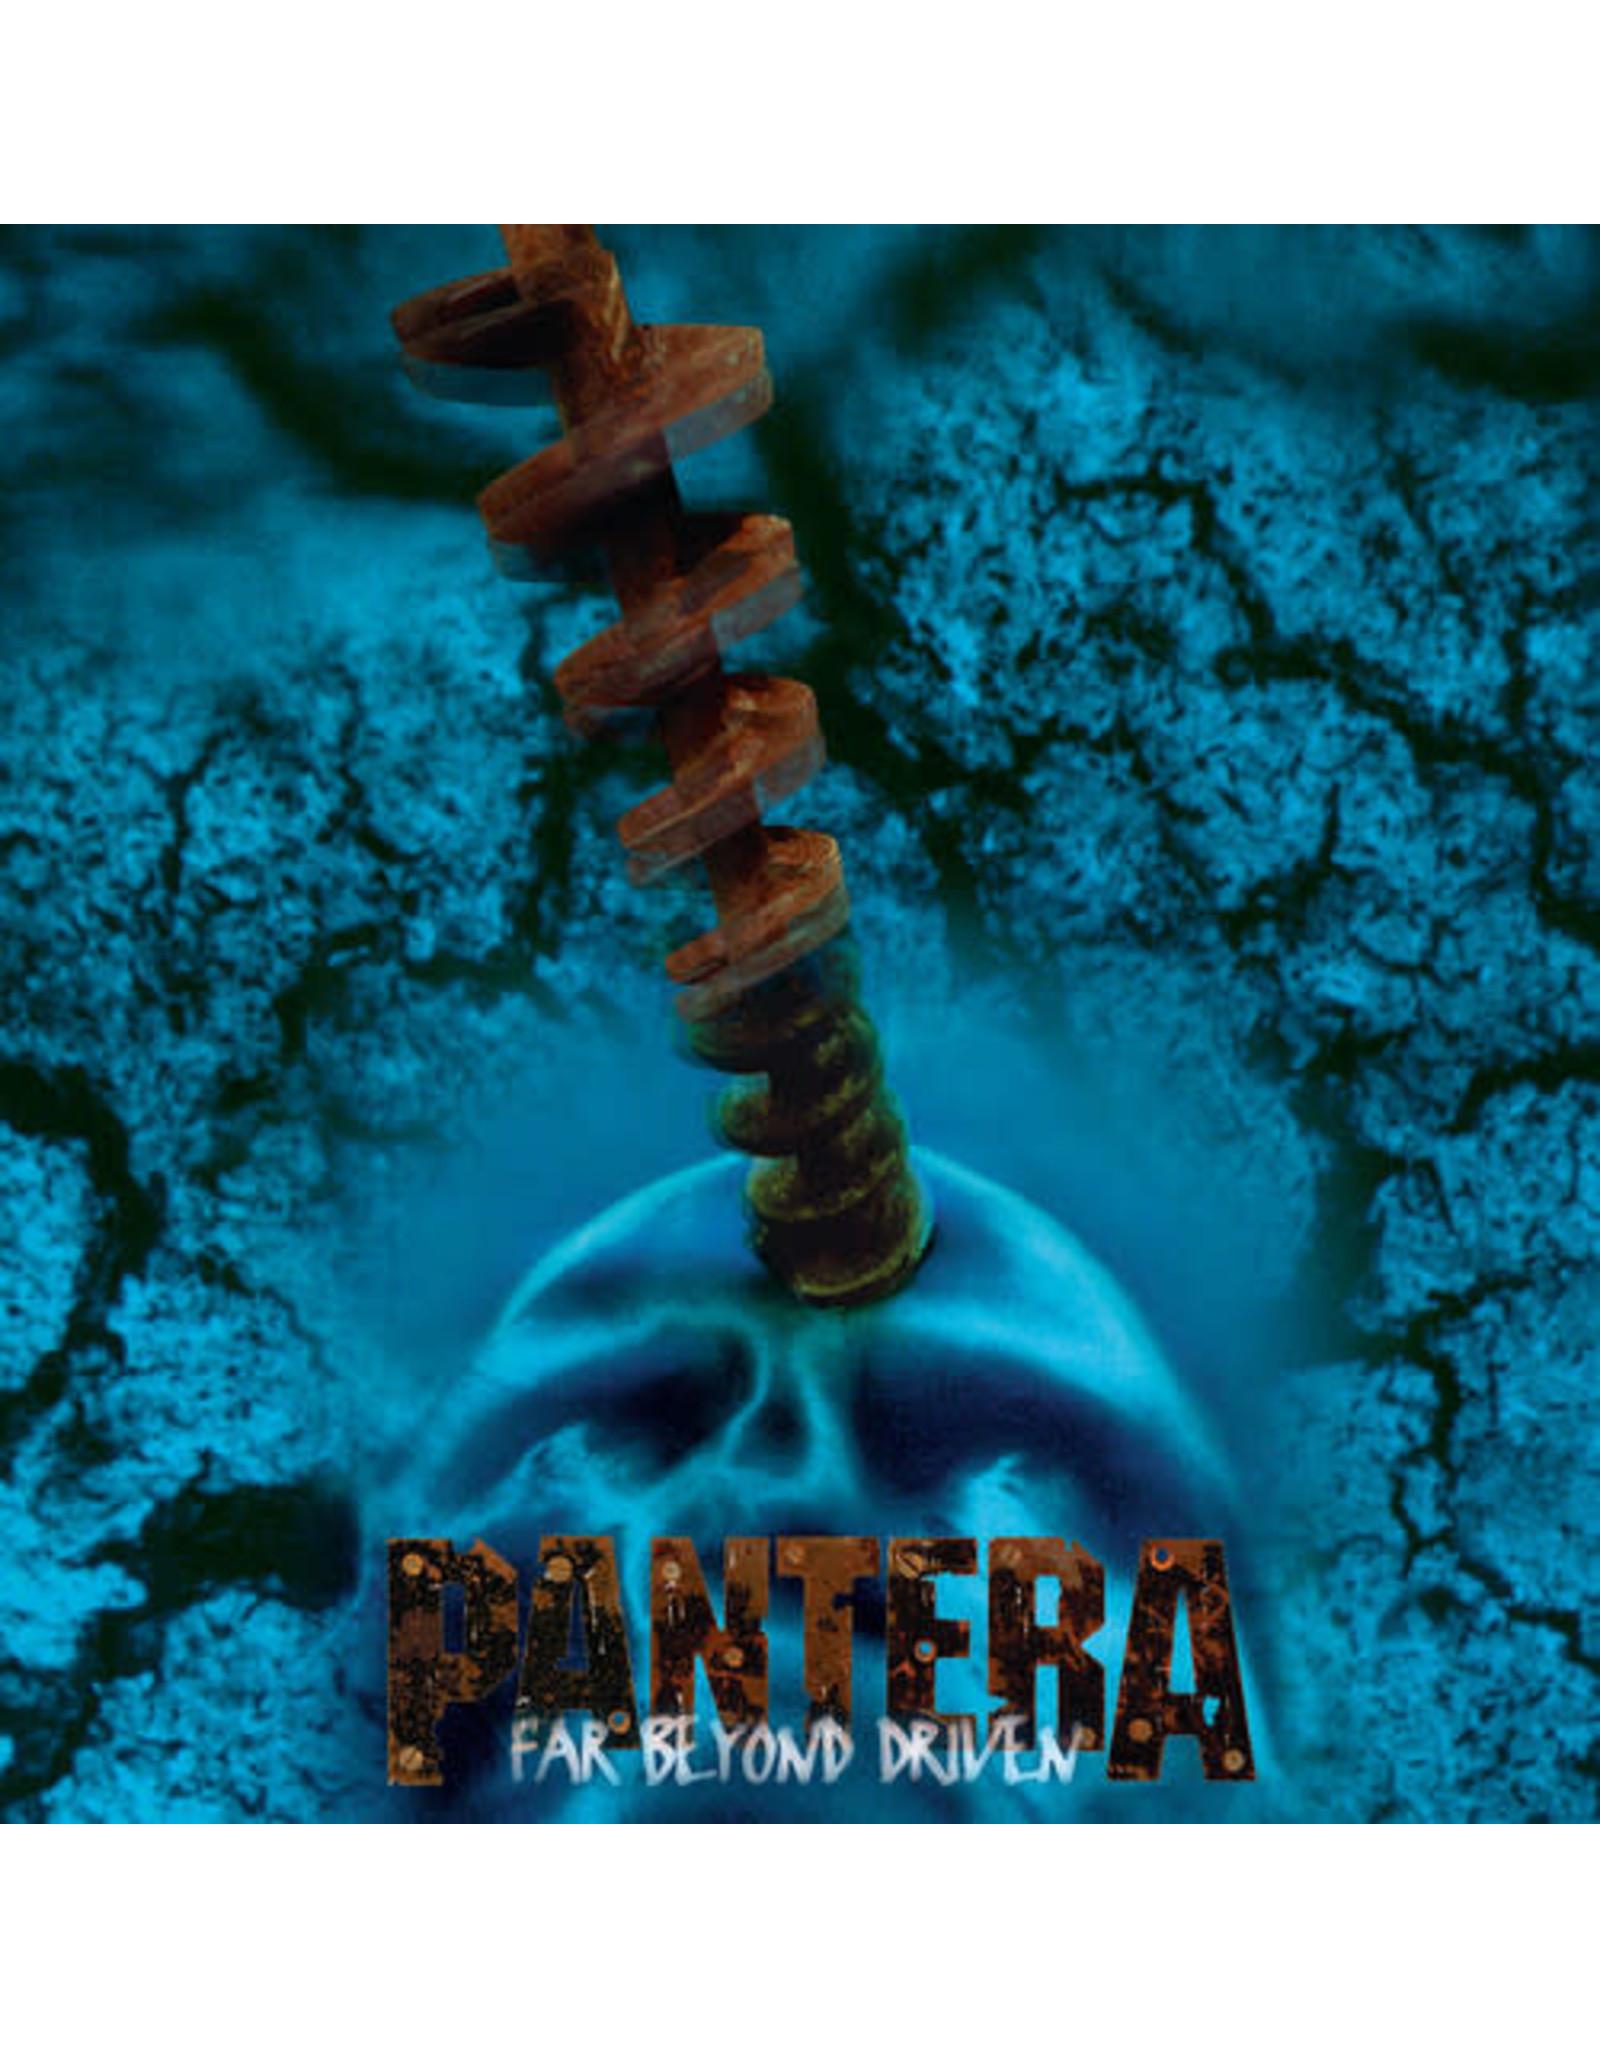 New Vinyl Pantera - Far Beyond Driven (Ltd., Colored) LP